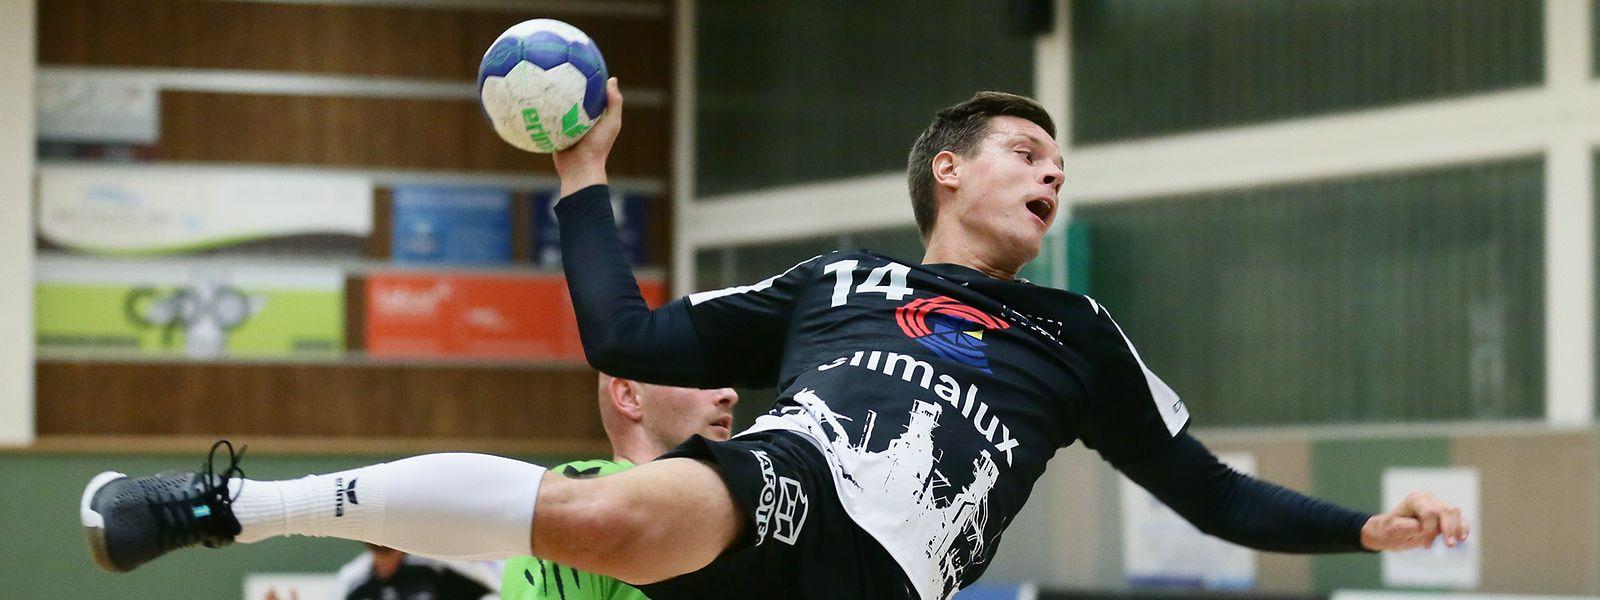 Christian Bock (HB Esch) kommt zum Abschluss.